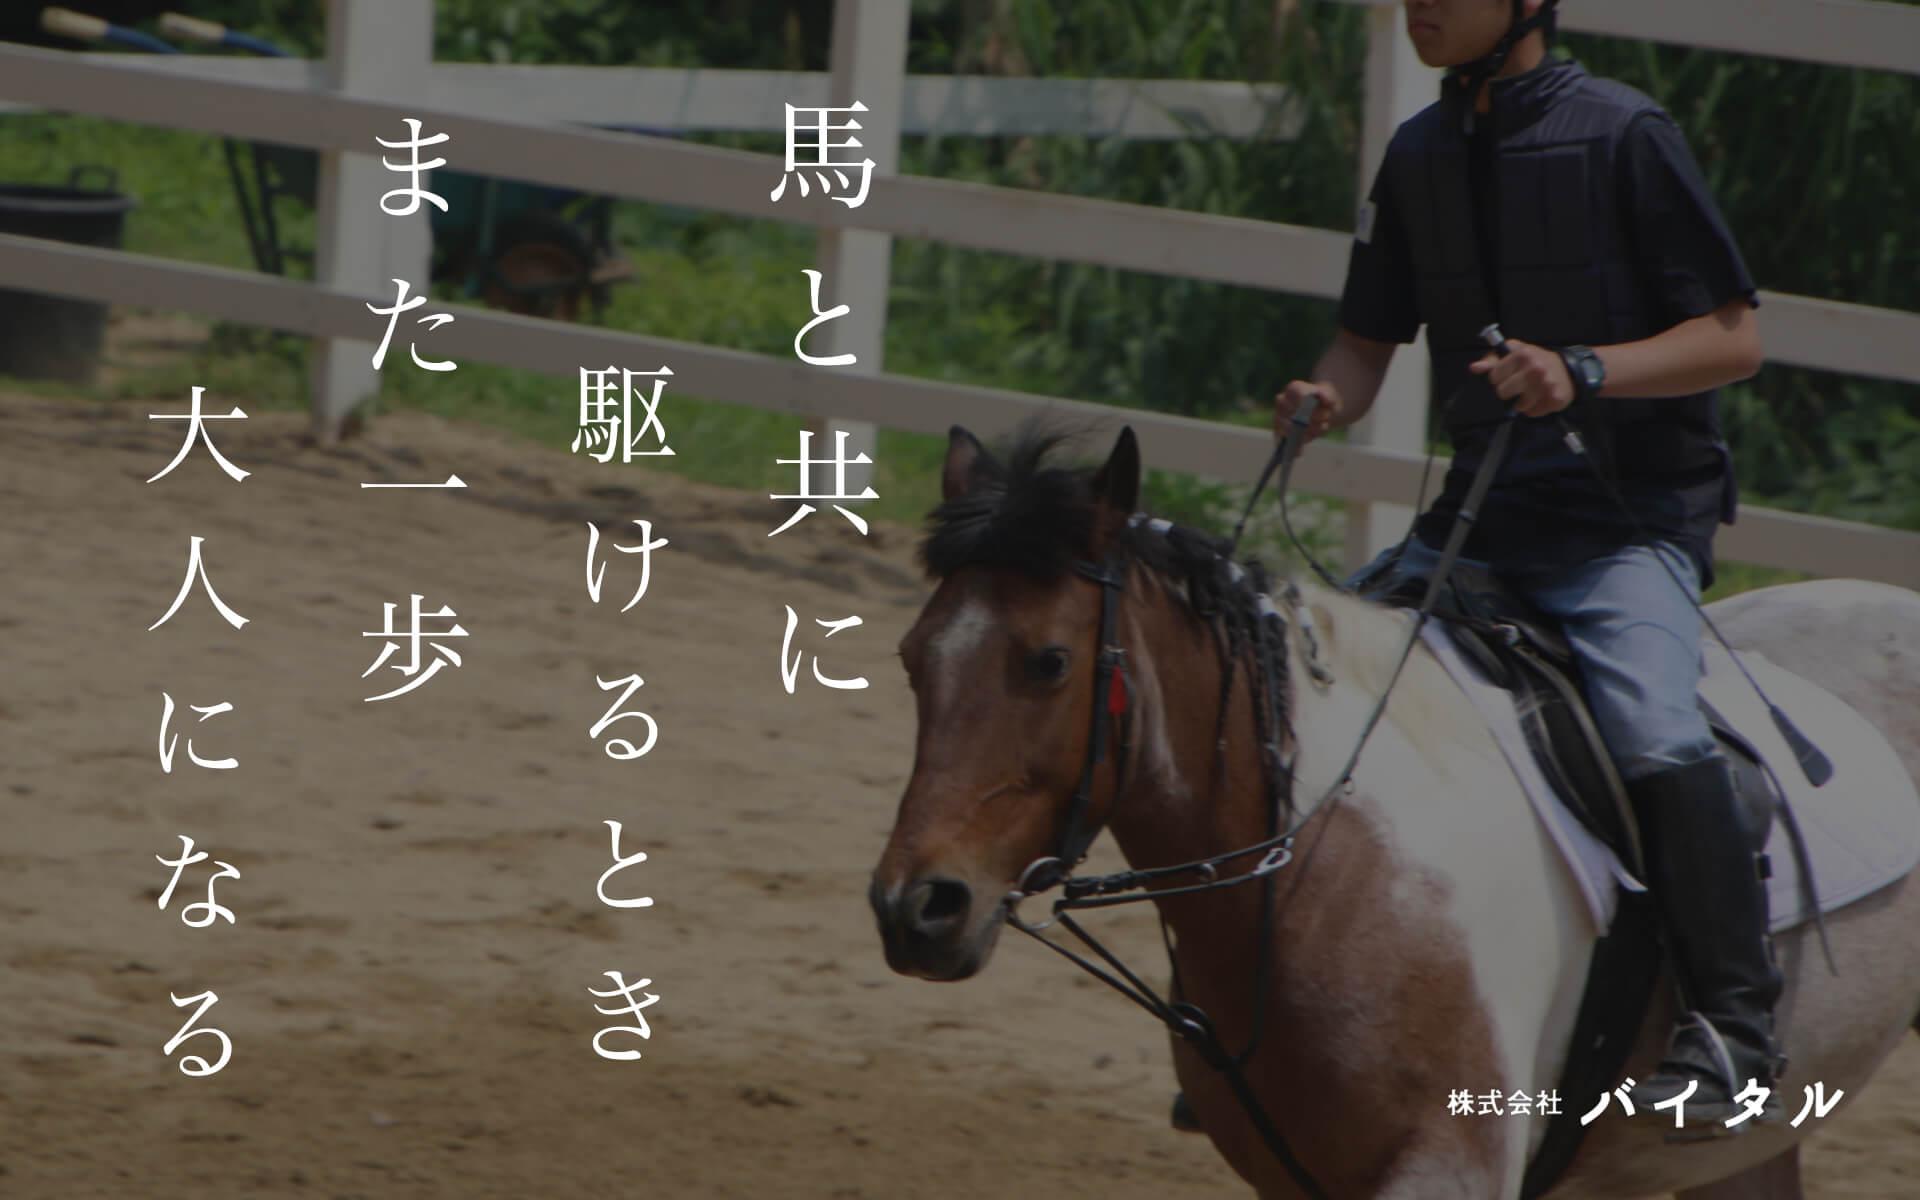 長崎県内で子供が乗馬体験できる場所!の記事のアイキャッチの画像'